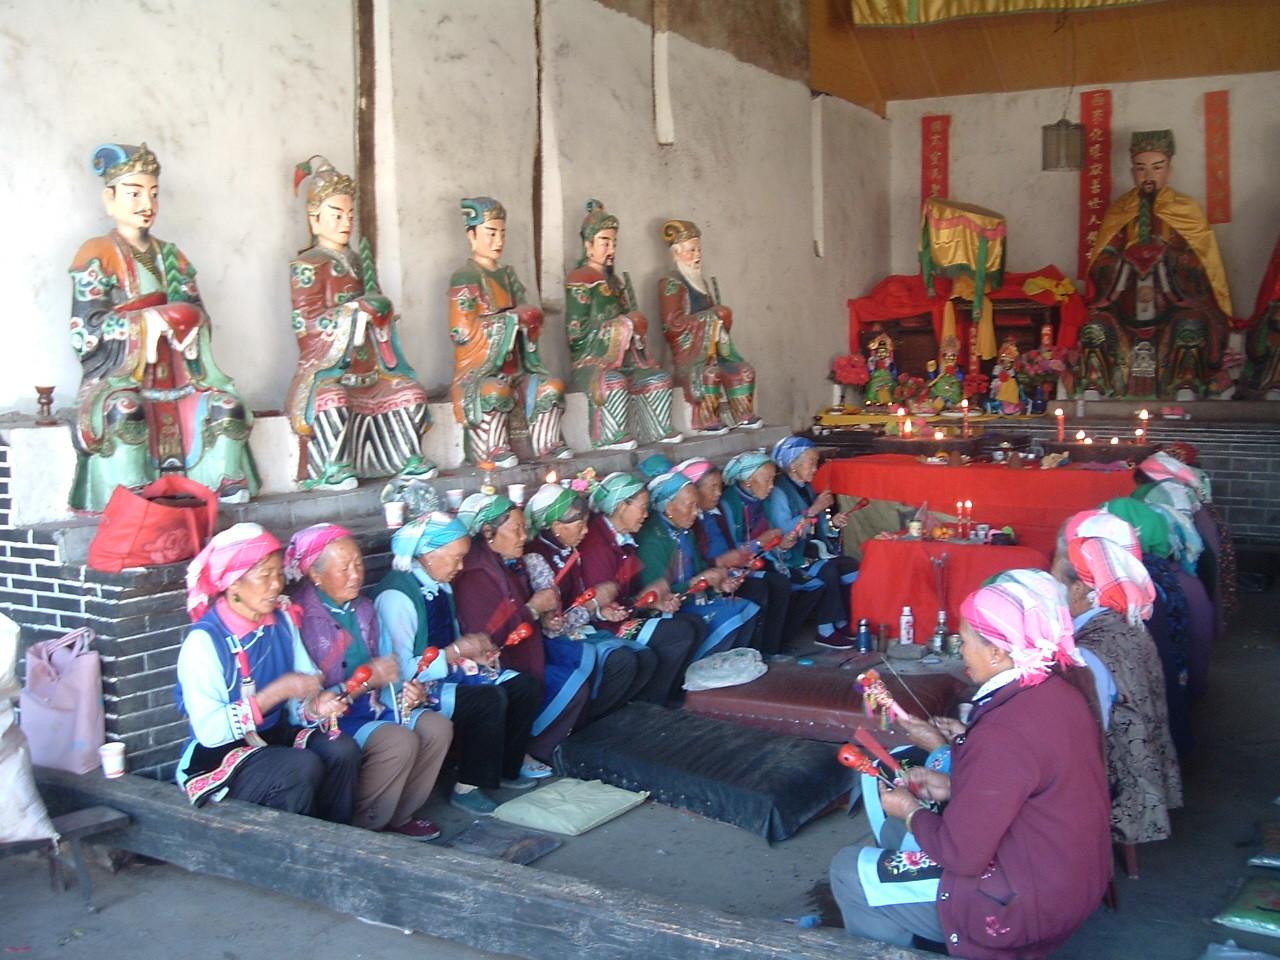 f:id:huixing:20111206033658j:image